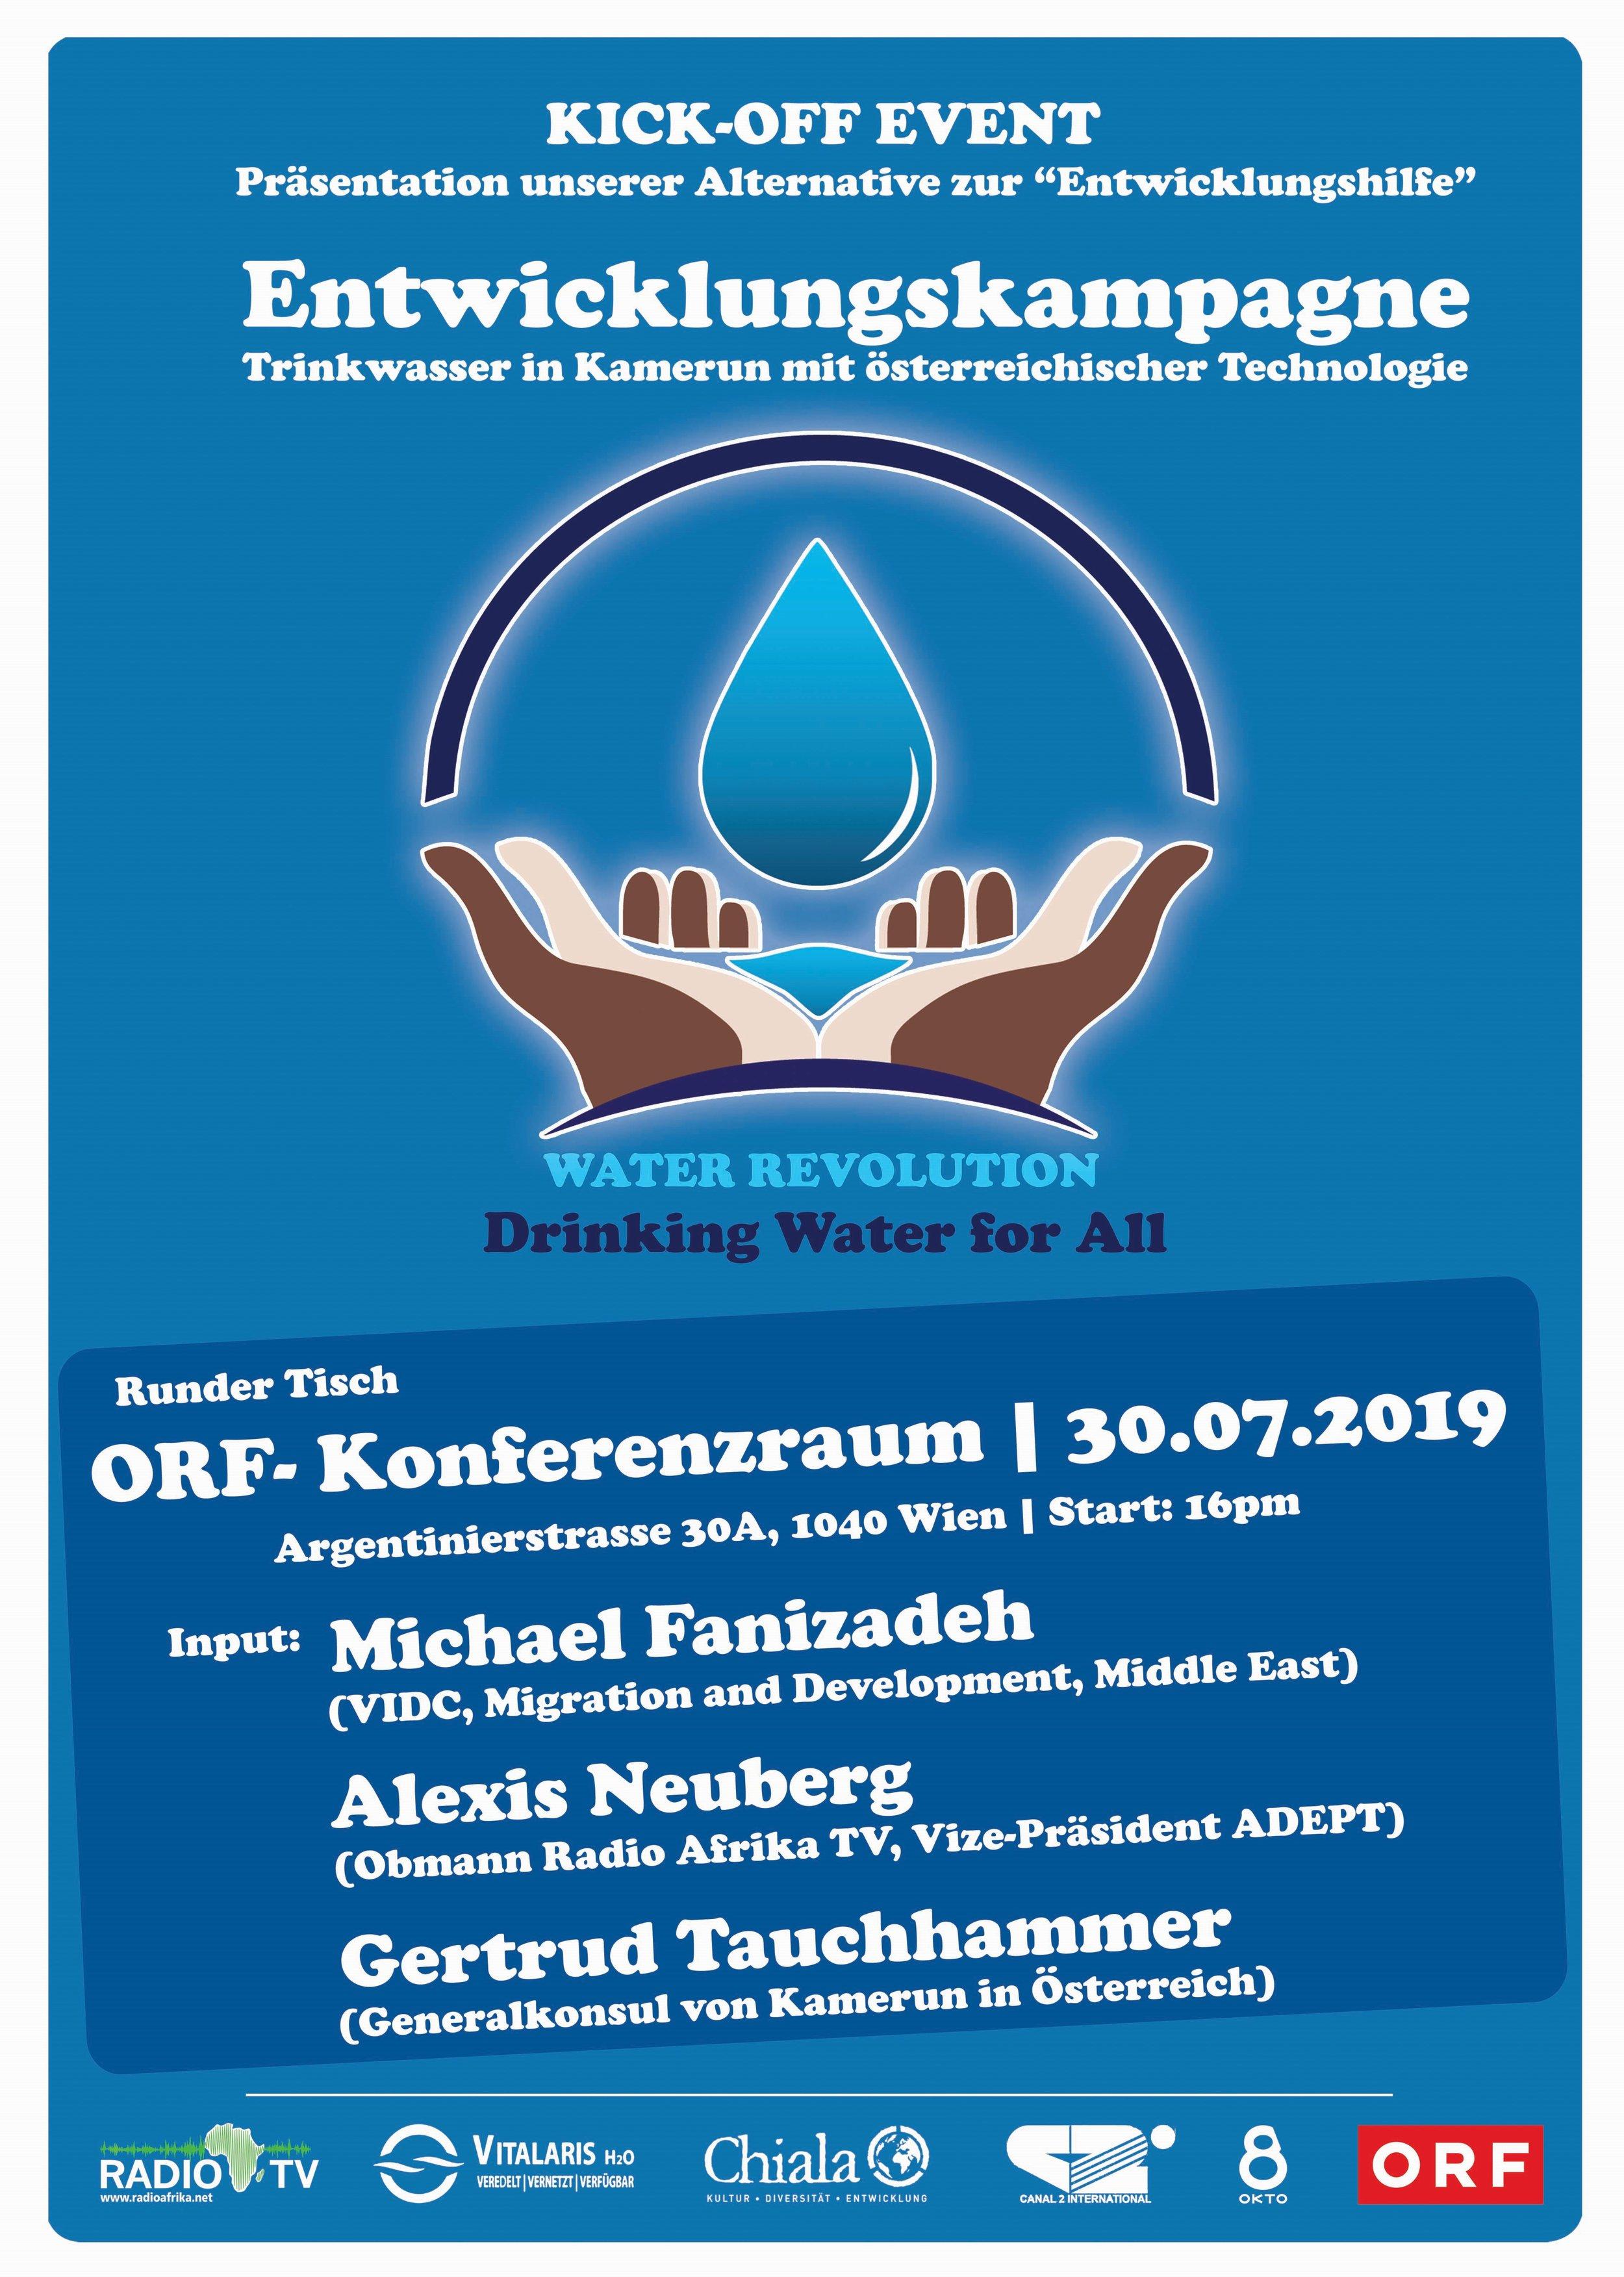 Waterrevolution_KickOff_Einladung_klein.jpg